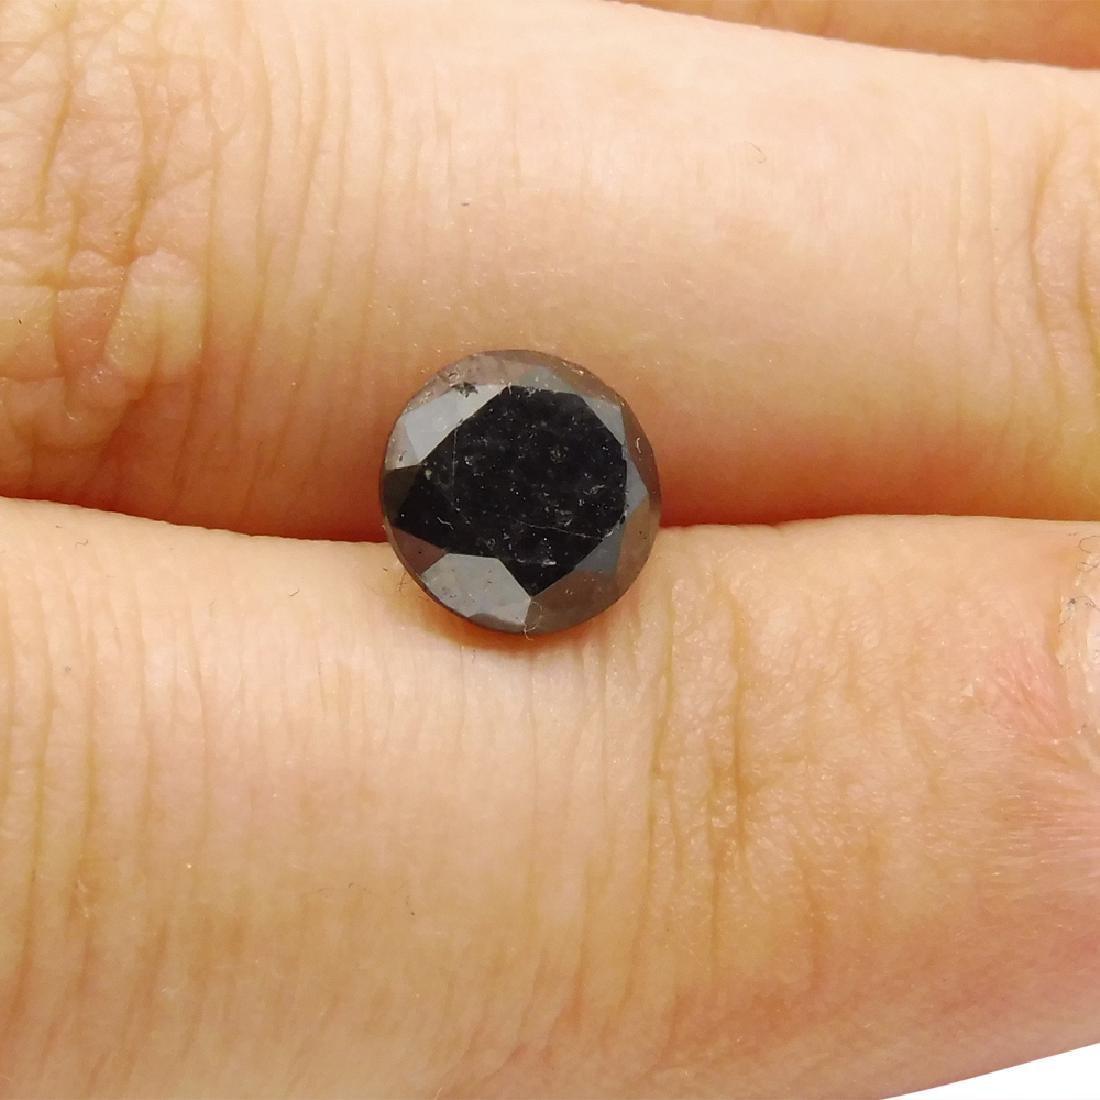 1.9 Carat Loose Round Black Diamond - 3